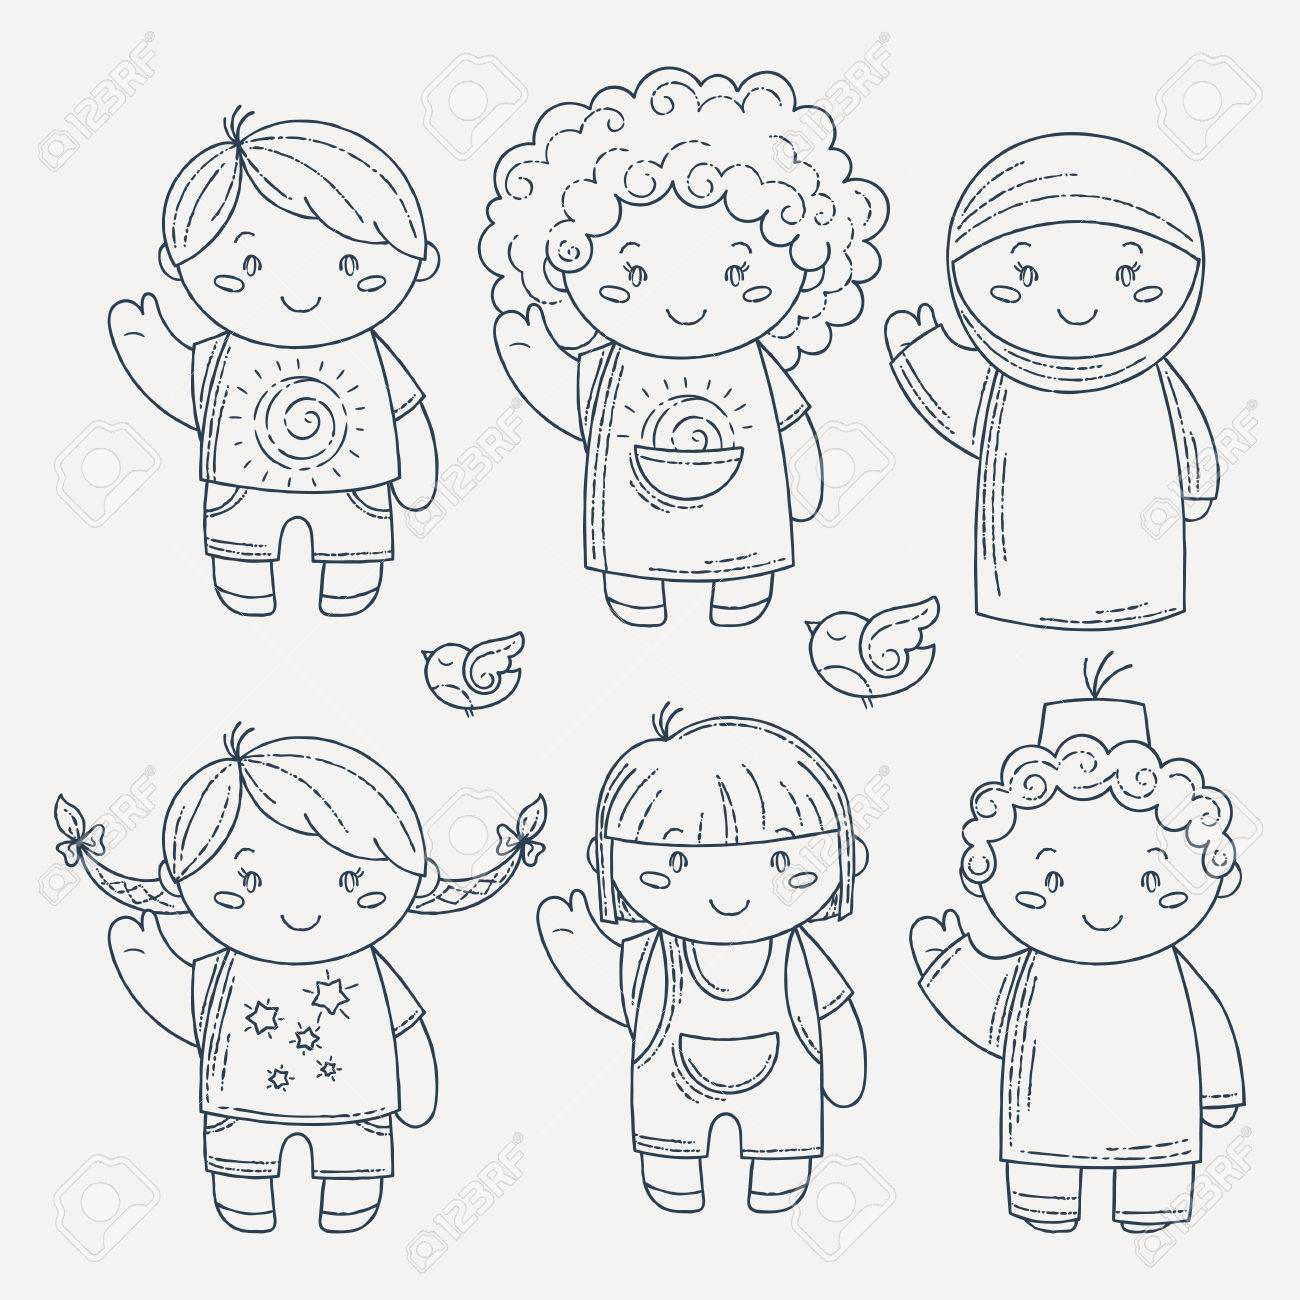 Conjunto De Niños Lindos Del Doodle. Guardería, Campamento, Personas ...